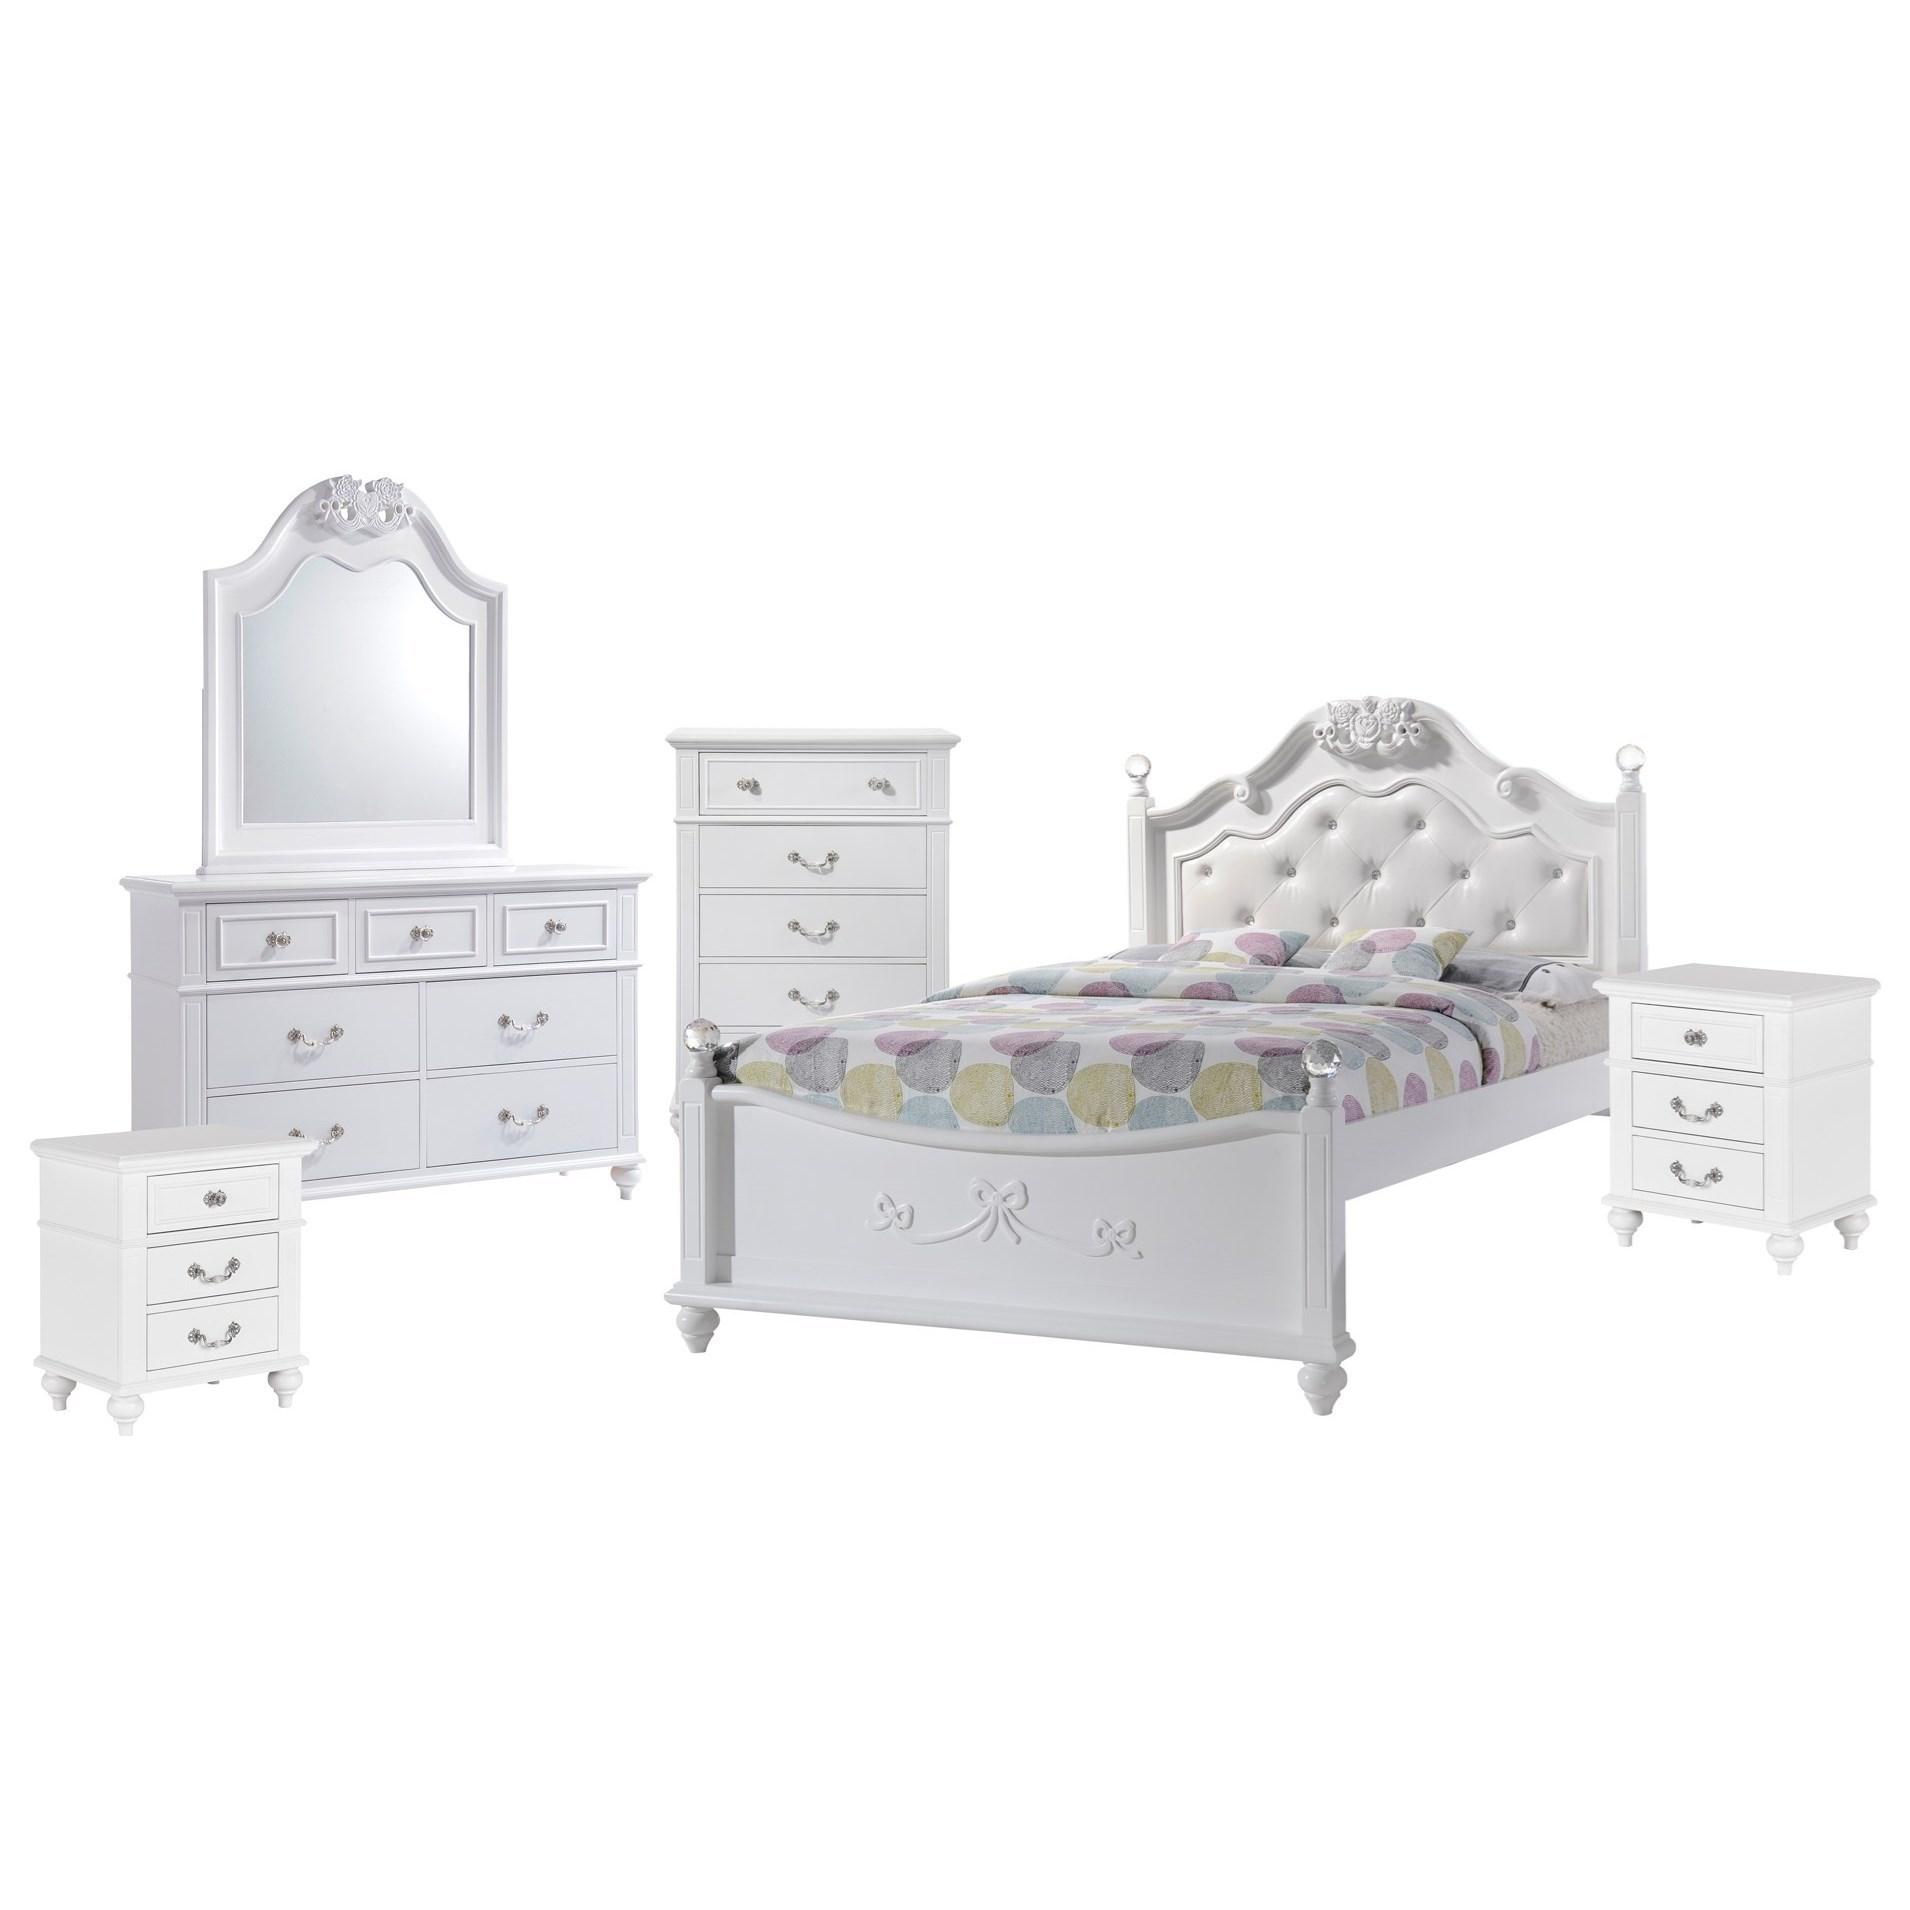 Full 6-Piece Bedroom Set